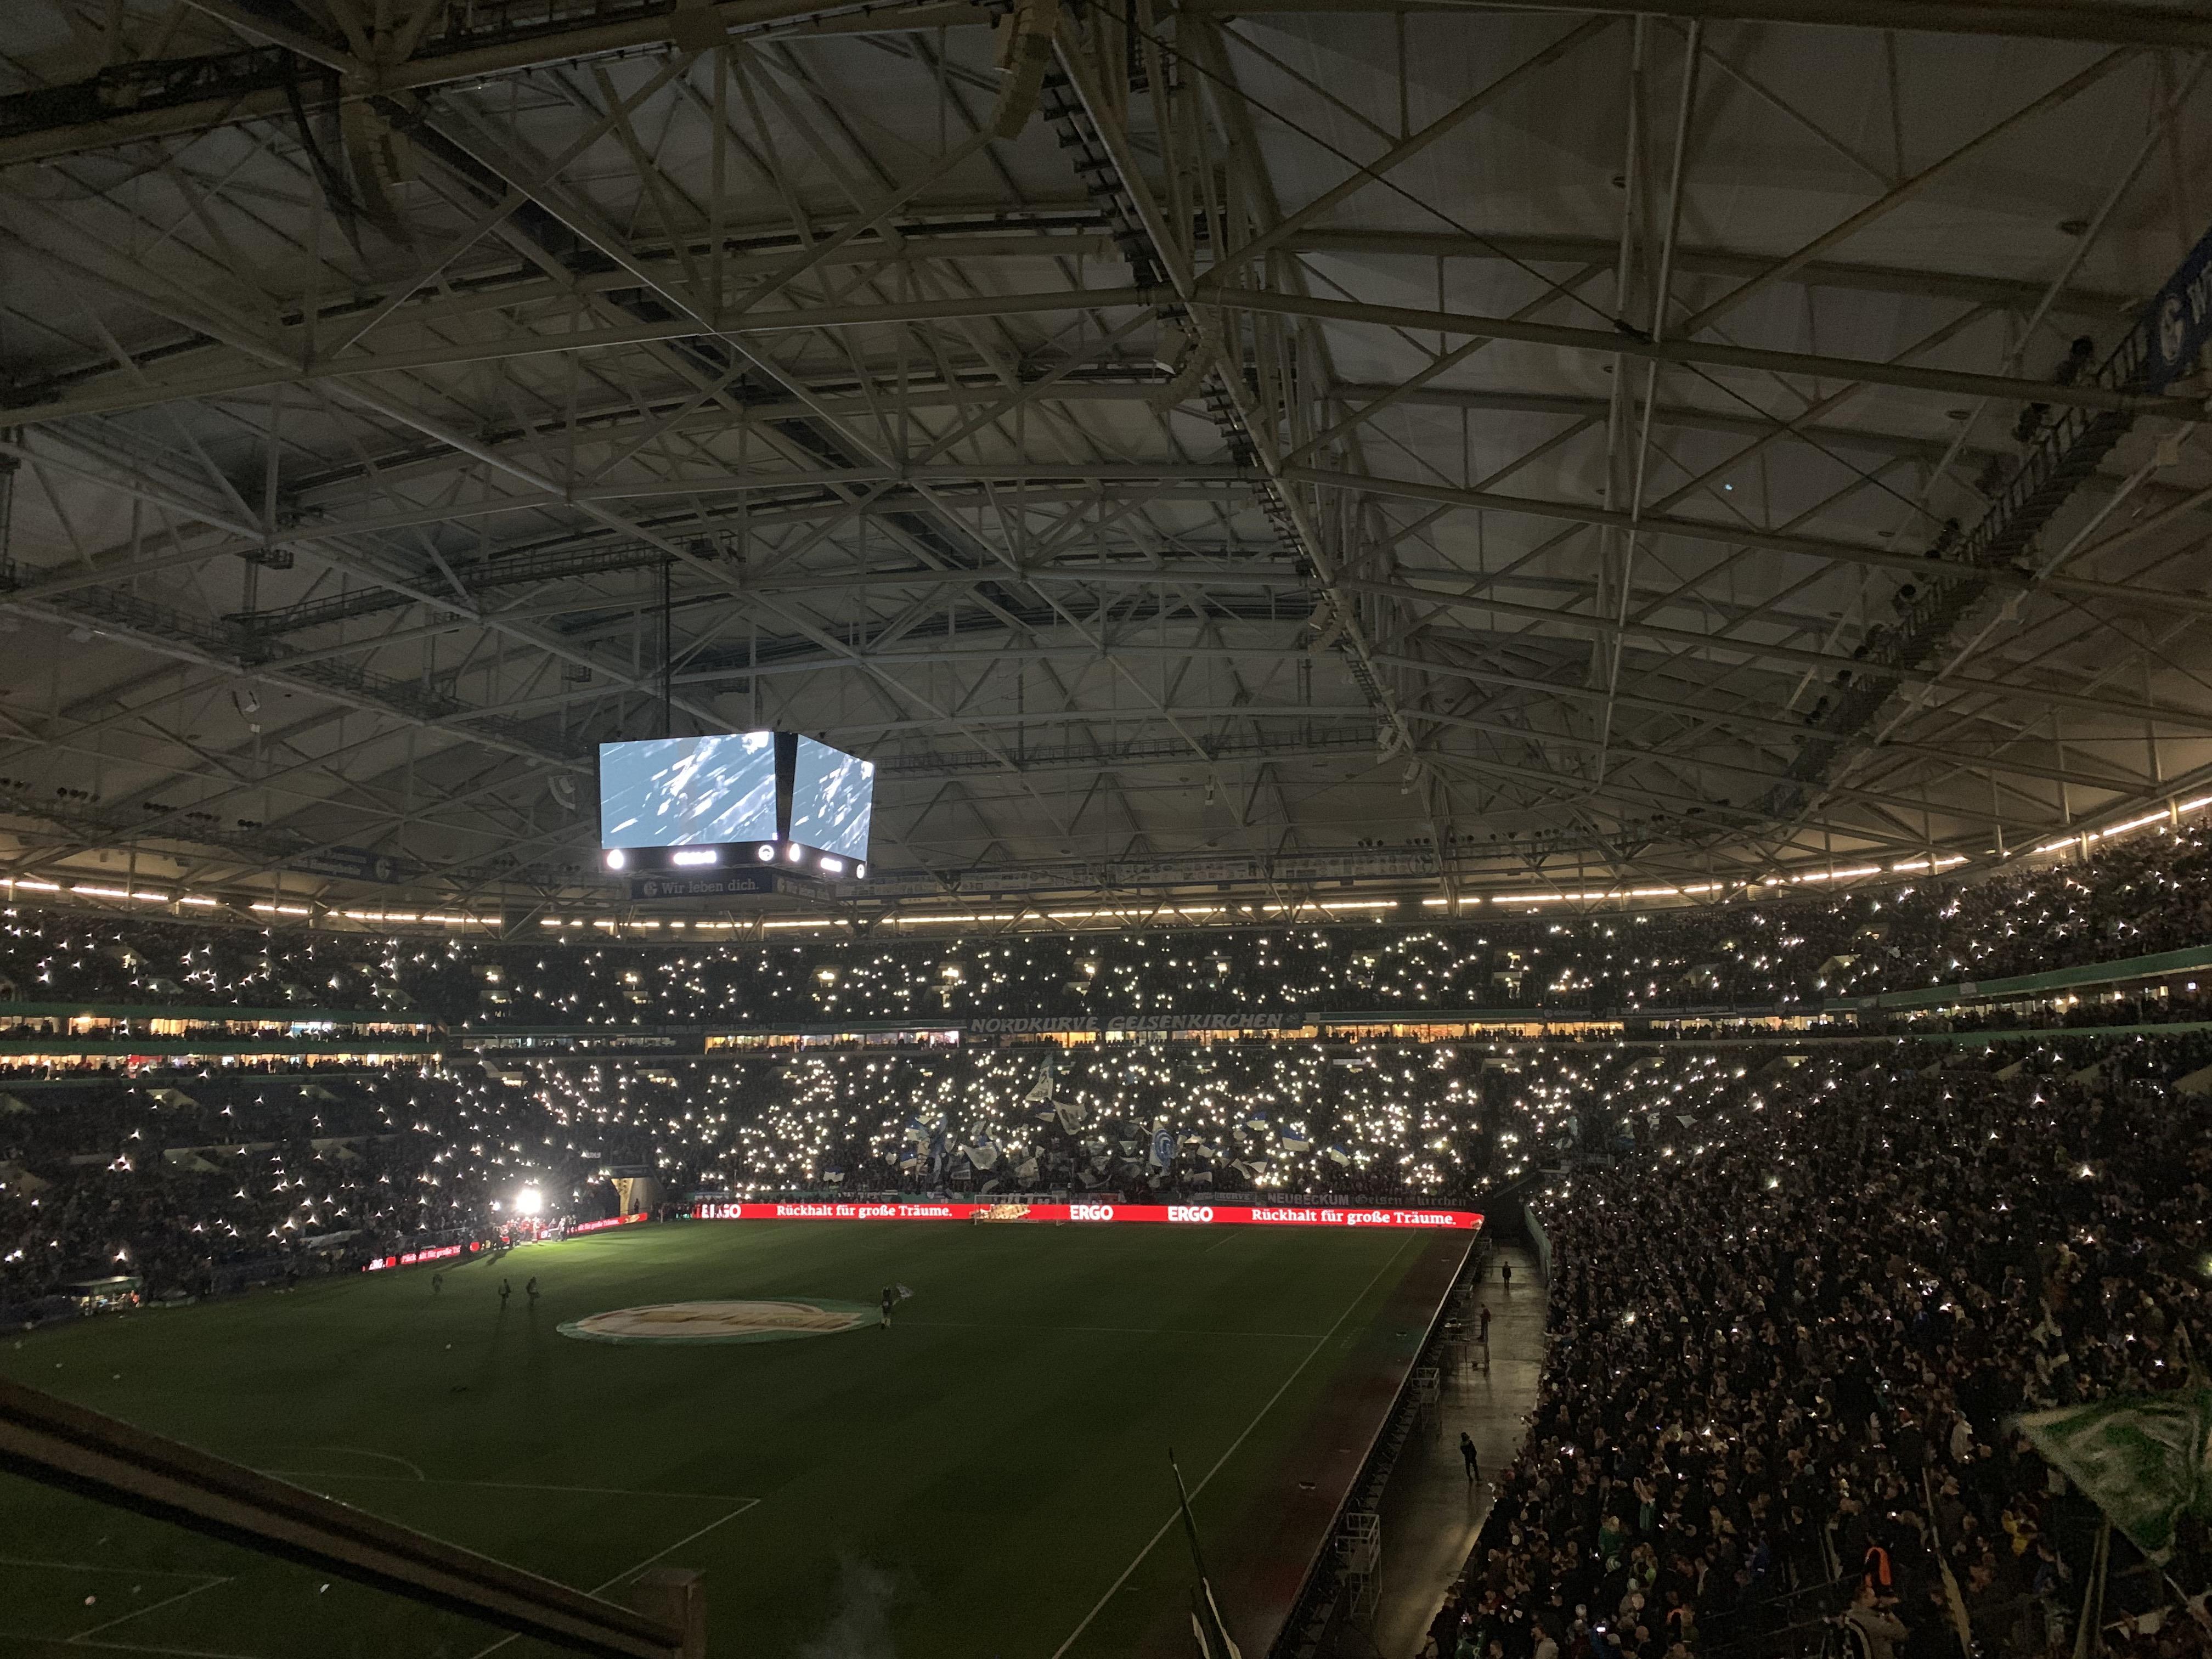 Das Licht im Stadion ist aus. Kleine Lichter sind zu sehen während das Steigerlied läuft